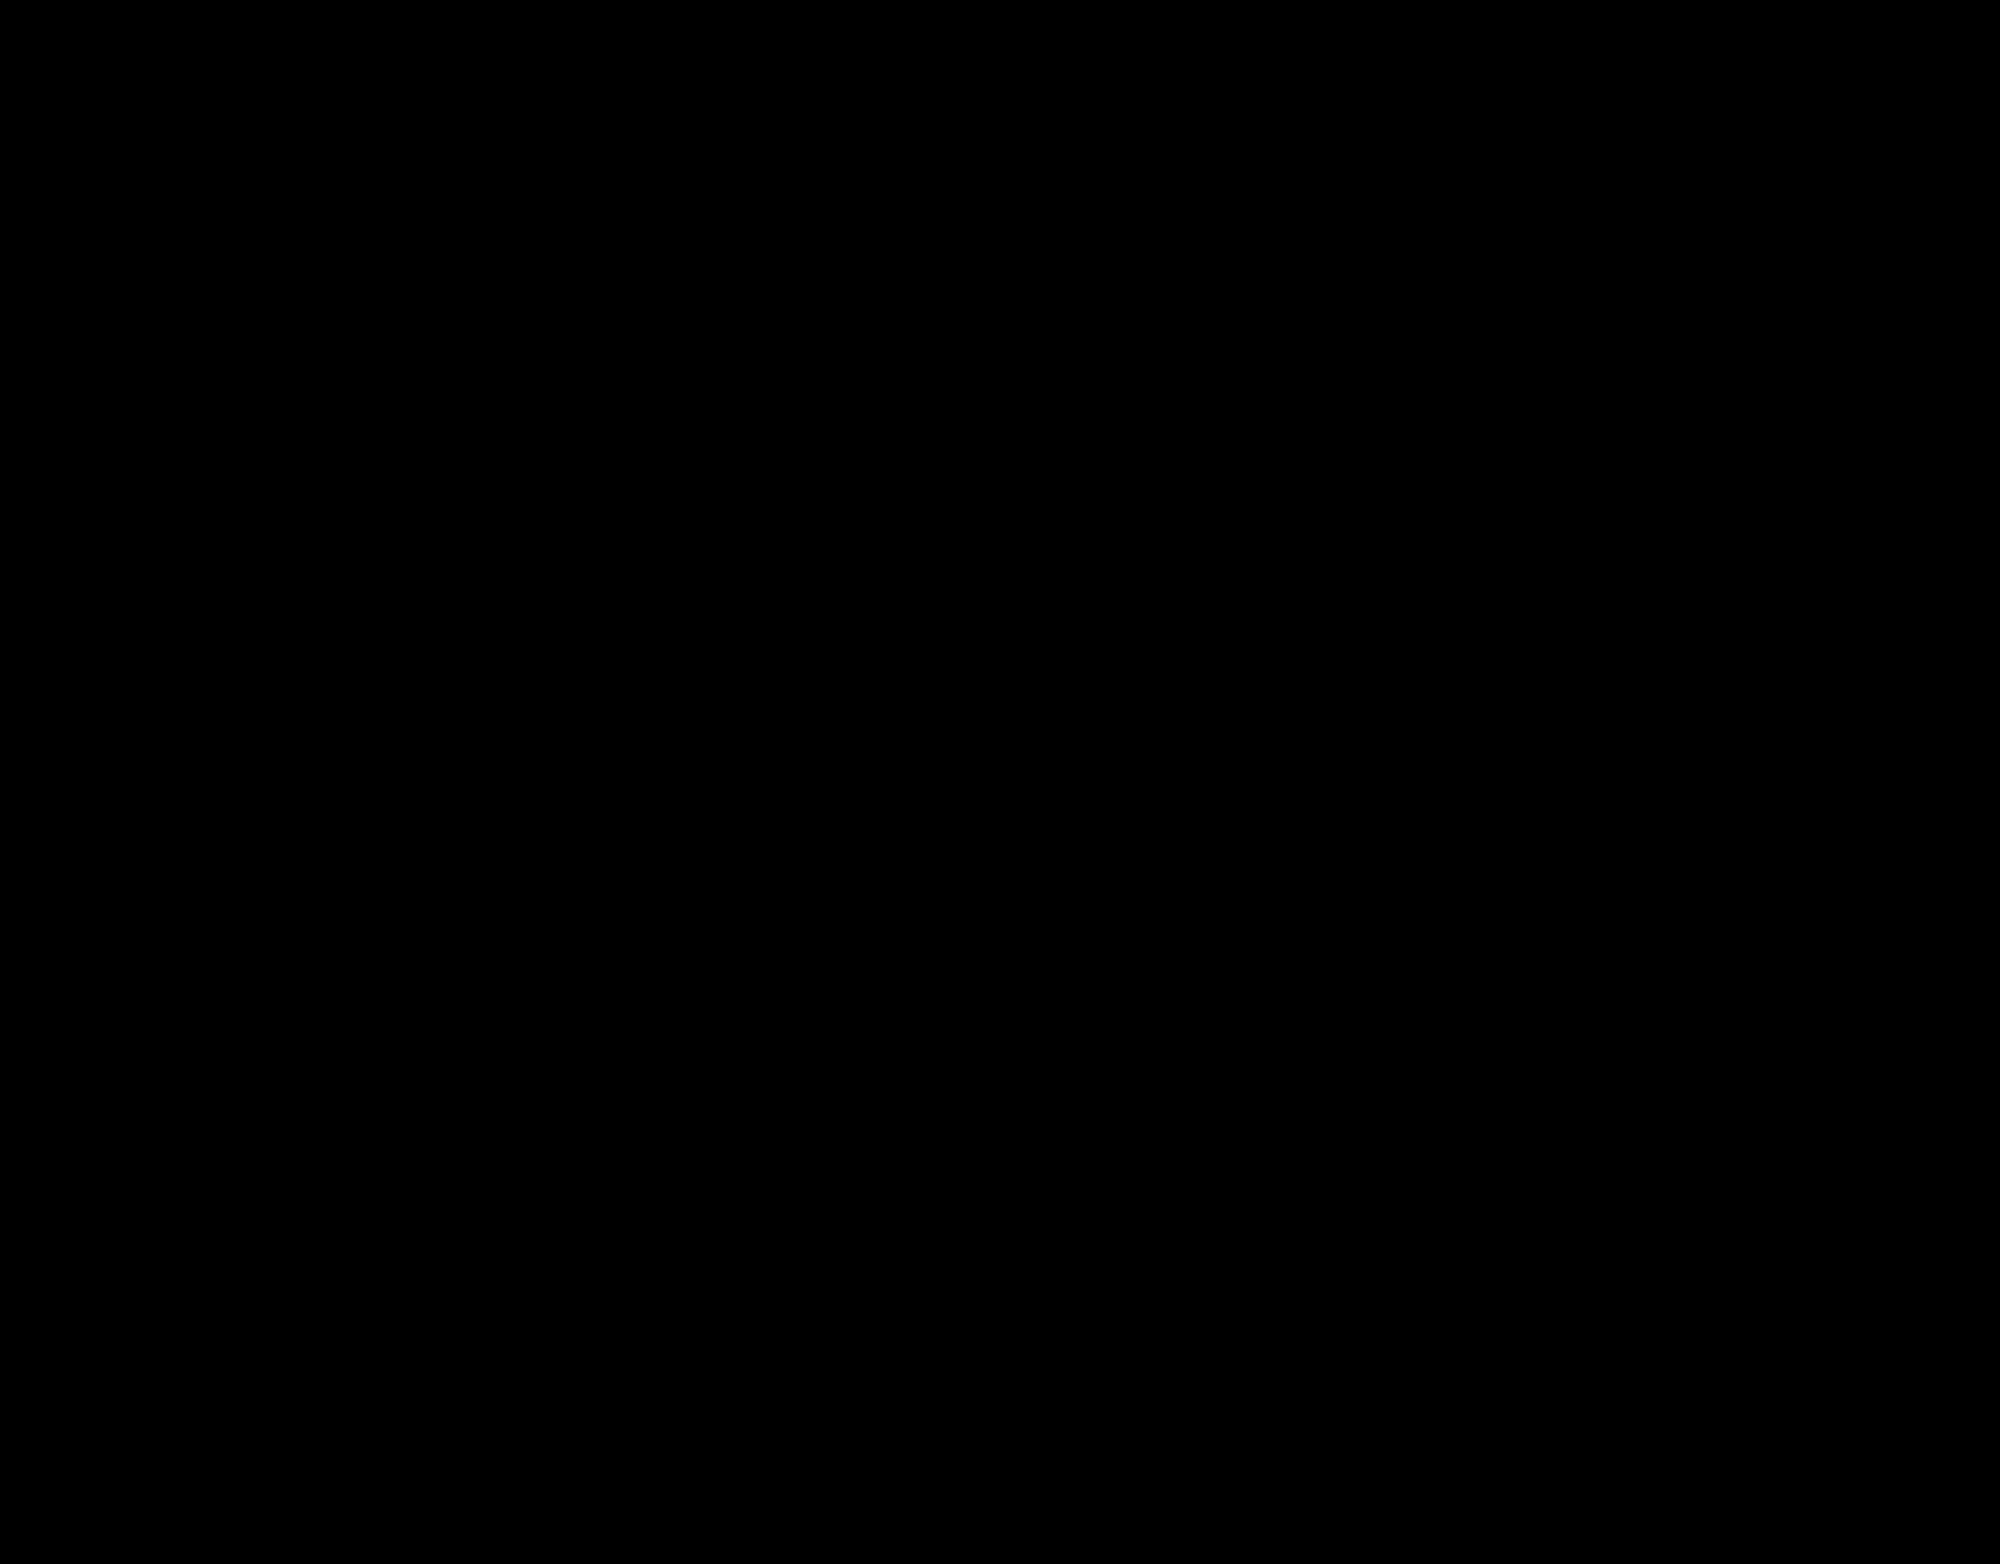 santé eat-logo.png